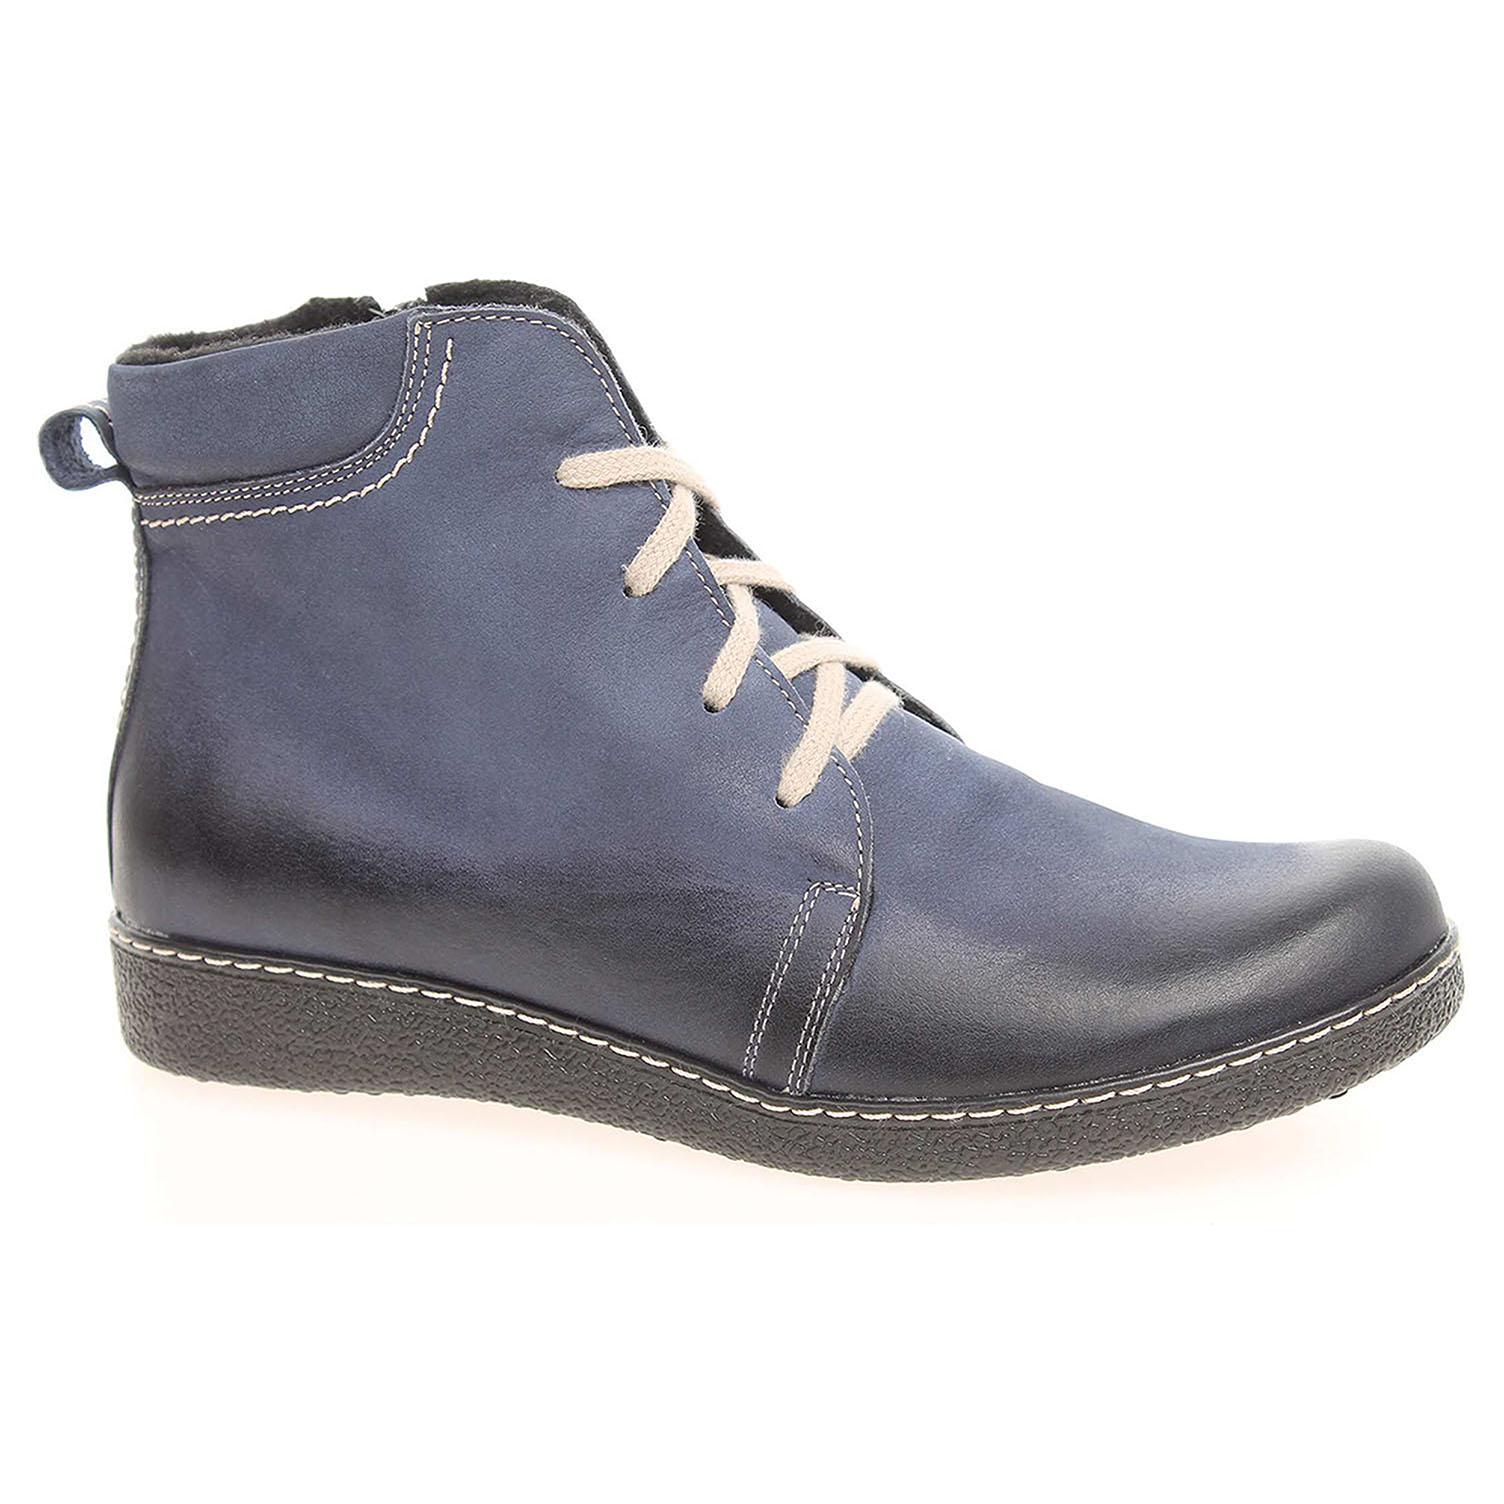 Dámská kotníková obuv J3171C modrá J3171 C 37